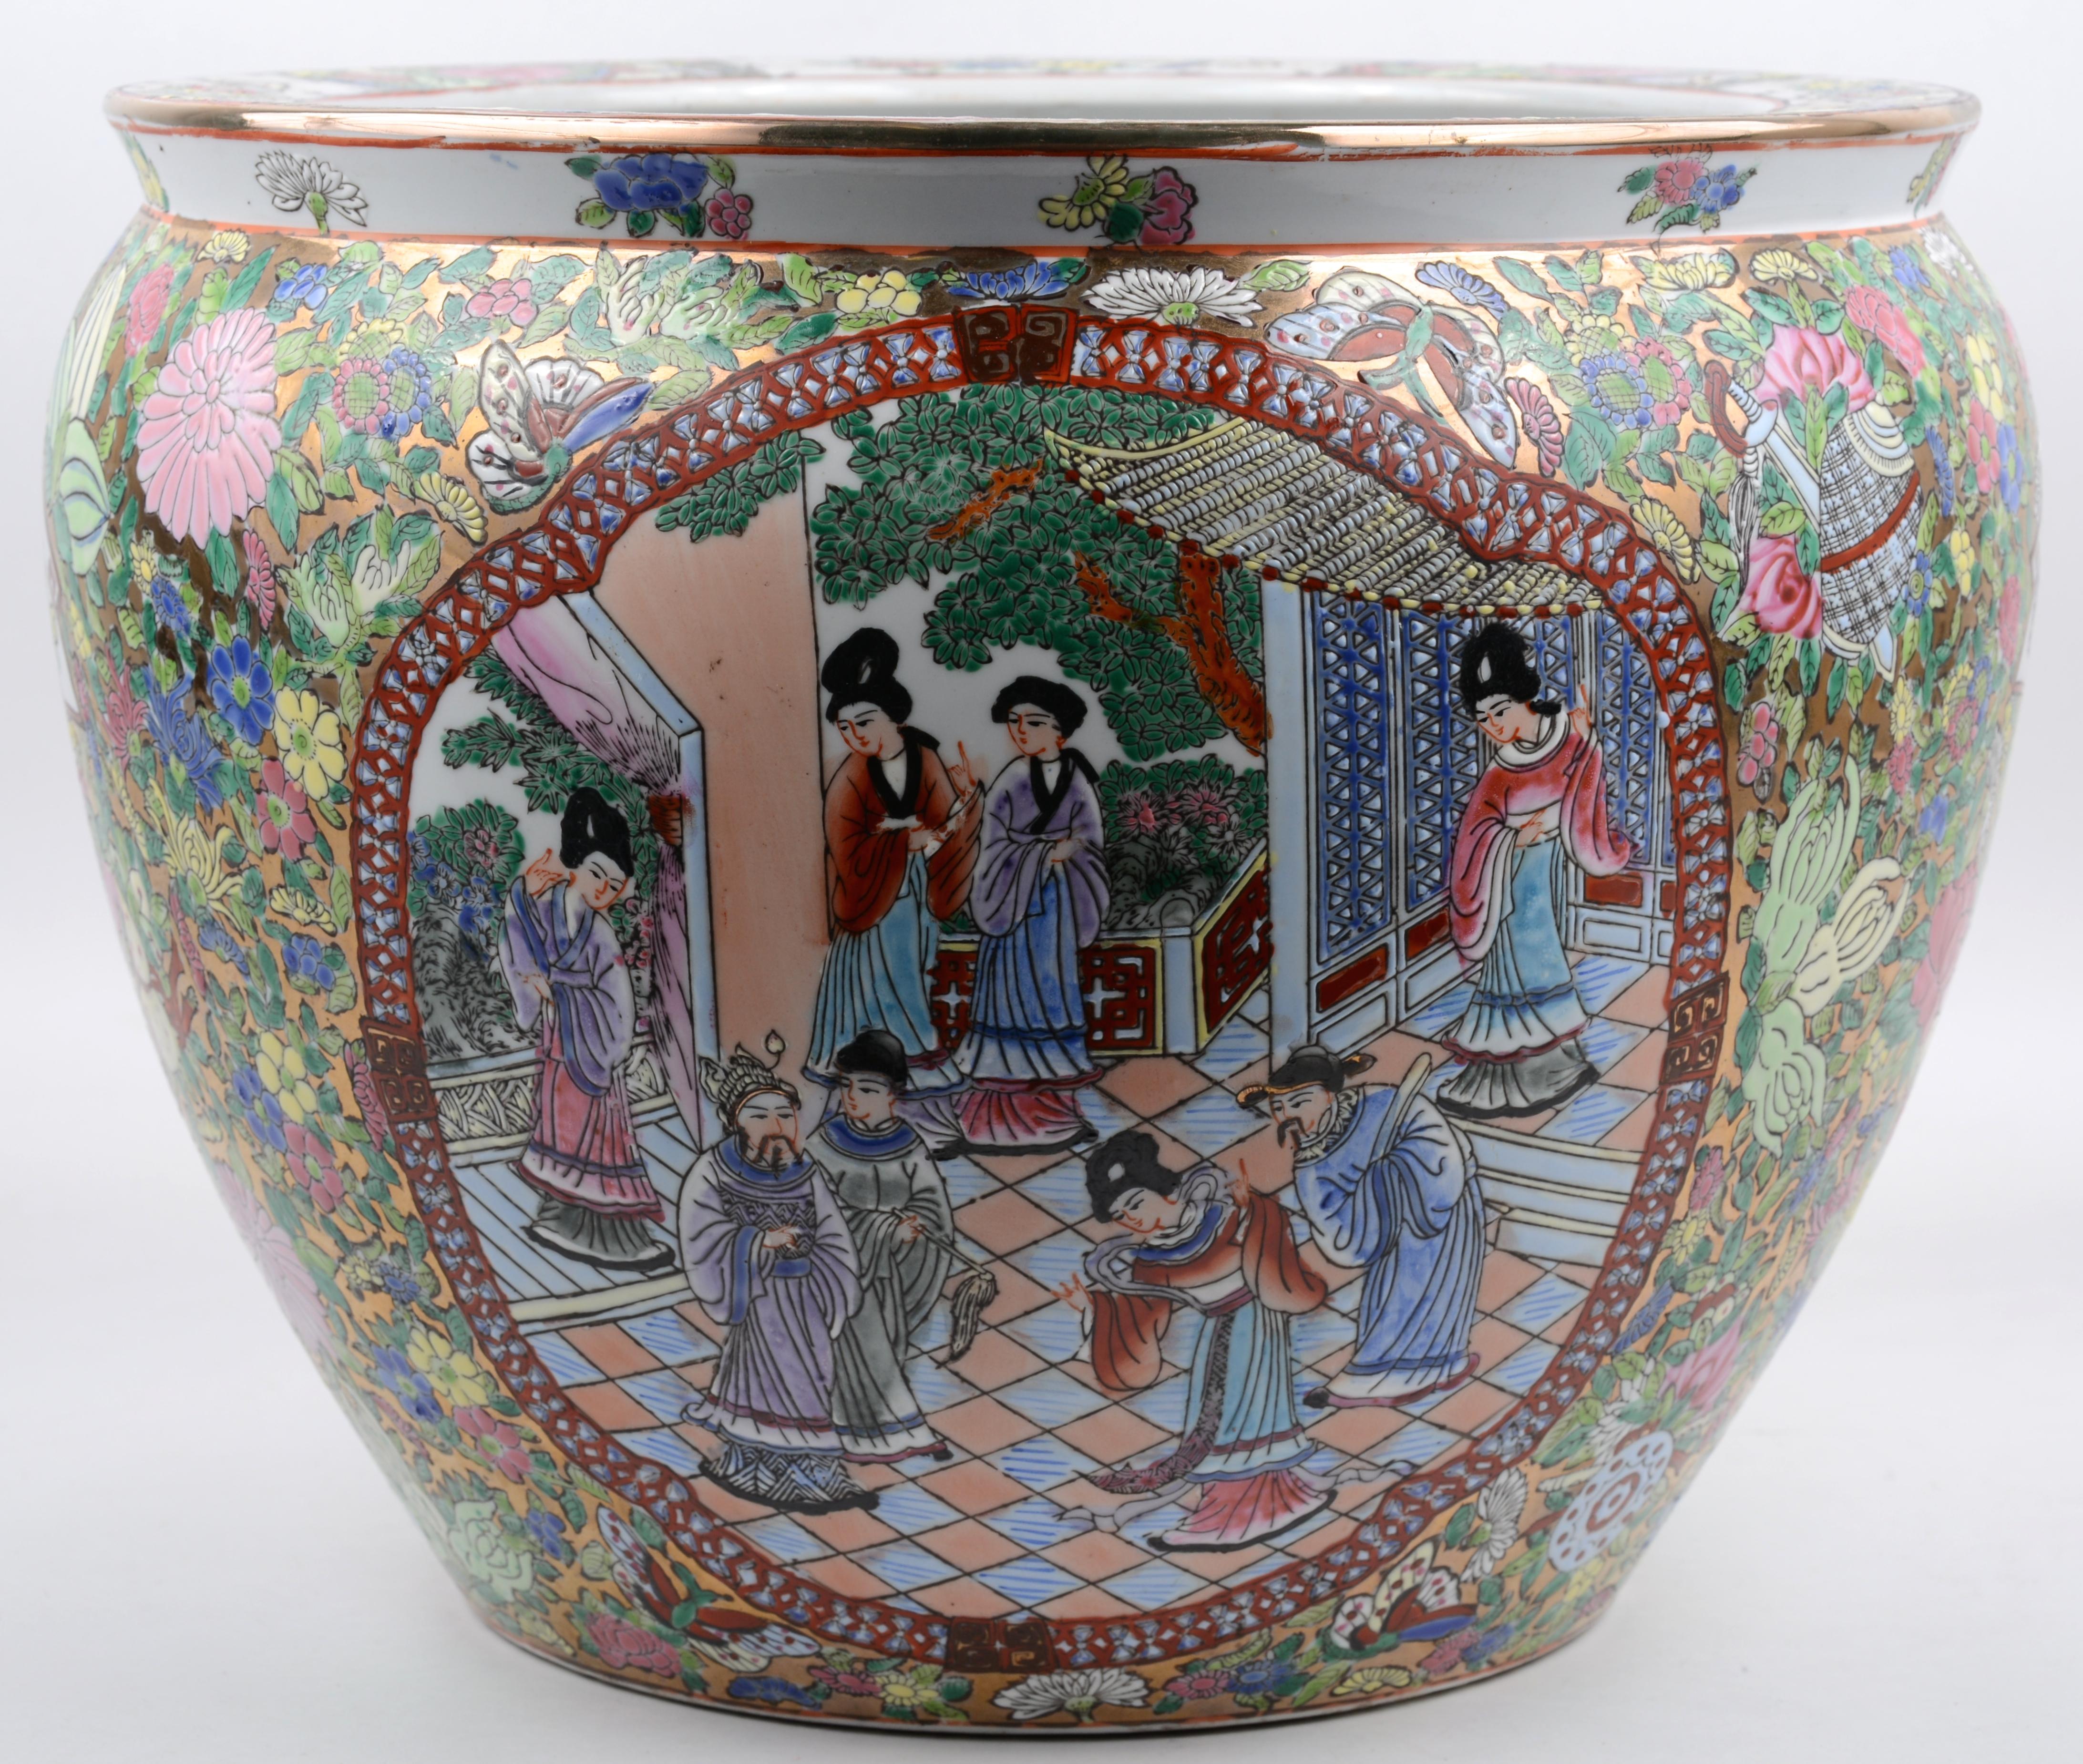 Chinees Porselein Merktekens Japans Porselein.Een Fish Tank Van Chinees Porselein Met Een Decor Van Personages